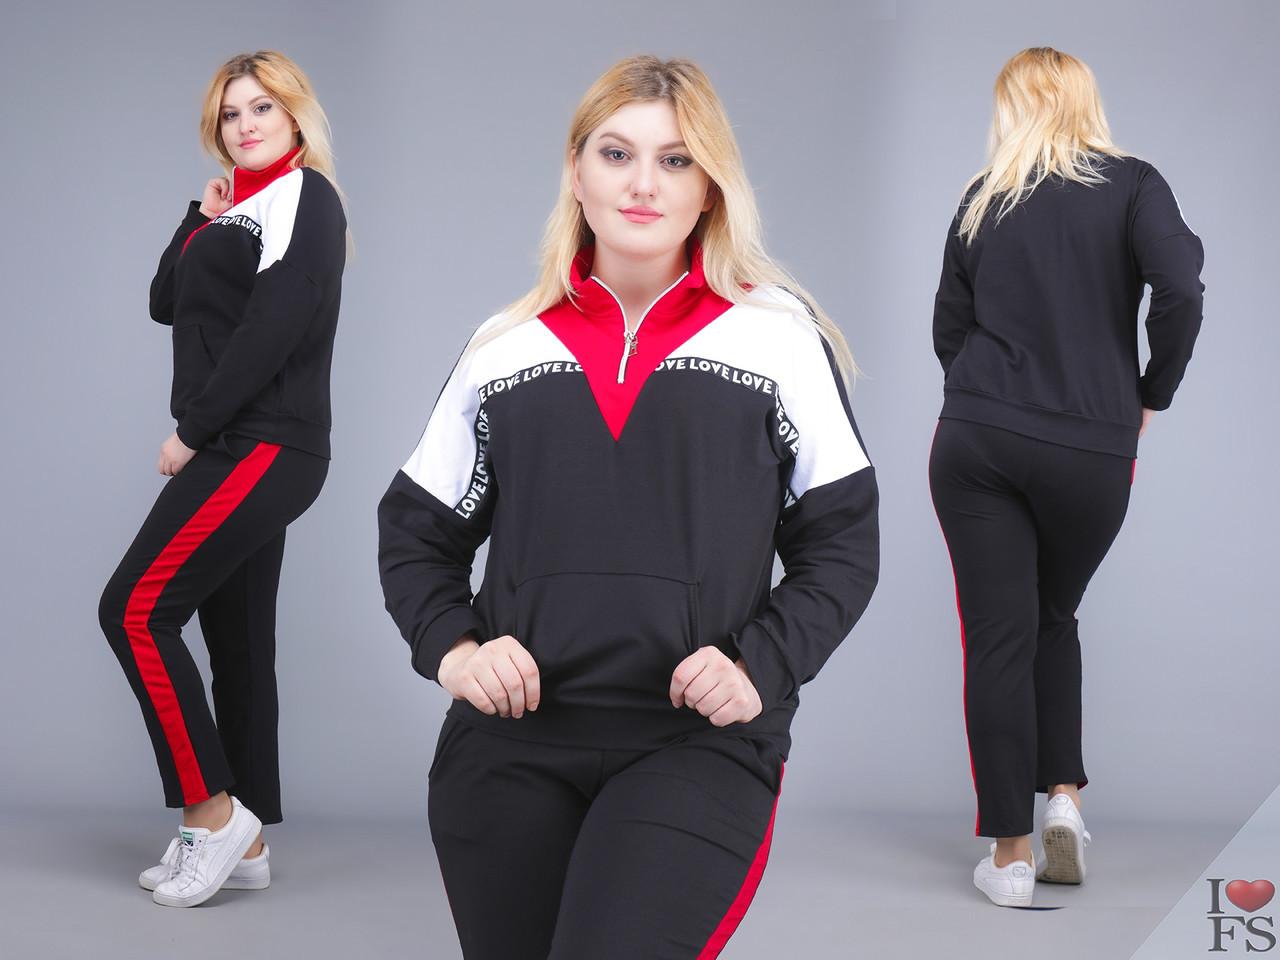 Осінній молодіжний жіночий спортивний триколірний костюм: кофта реглан і штани, супер батал великі розміри